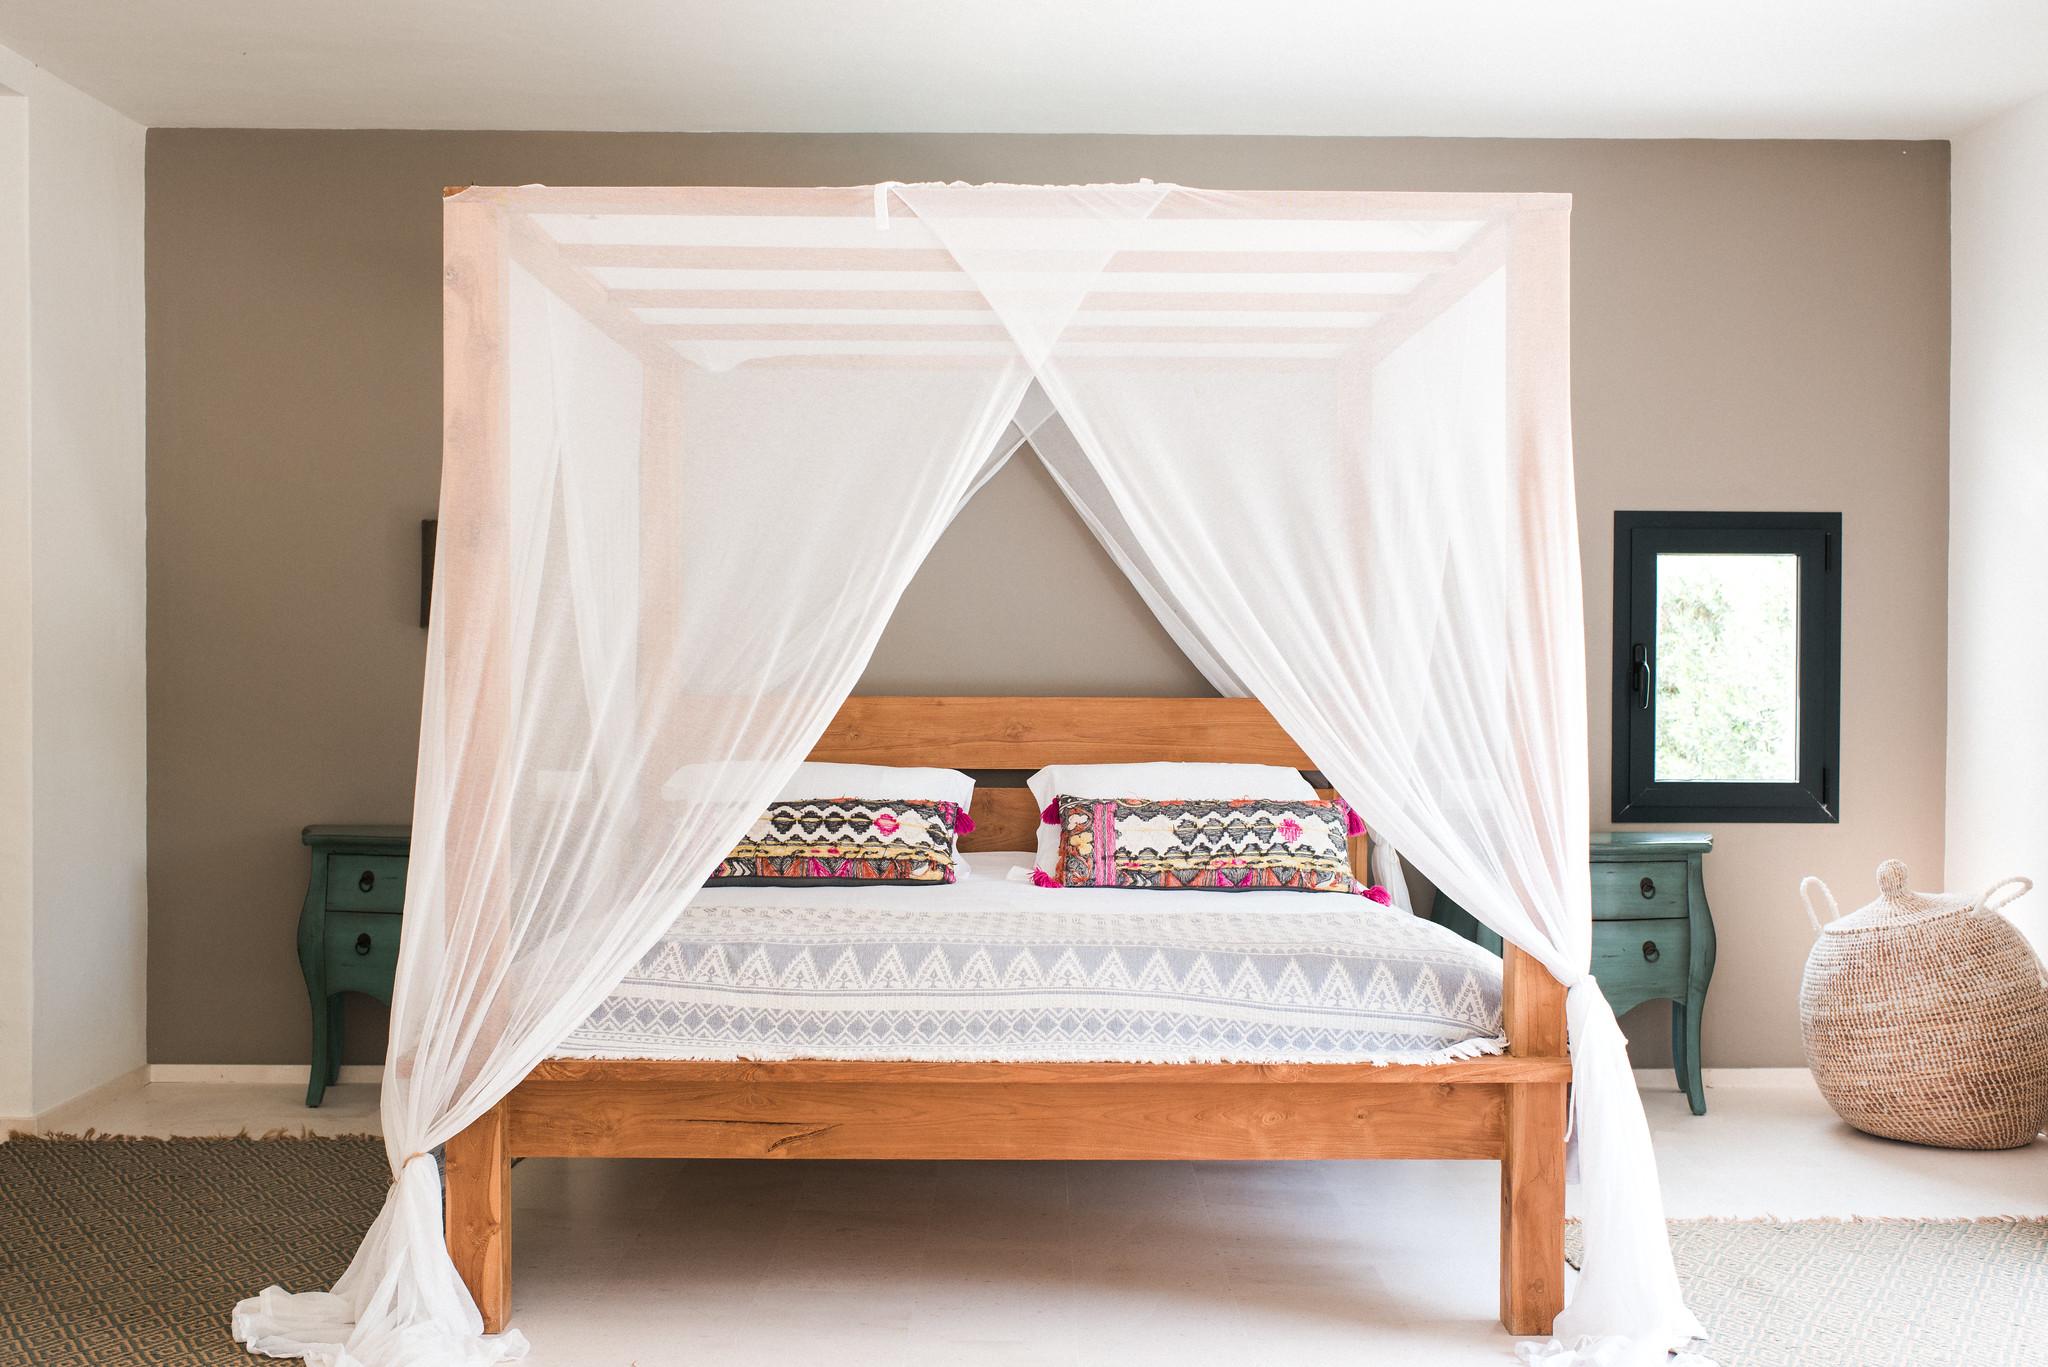 https://www.white-ibiza.com/wp-content/uploads/2020/05/white-ibiza-villas-casa-estrella-interior-master2.jpg